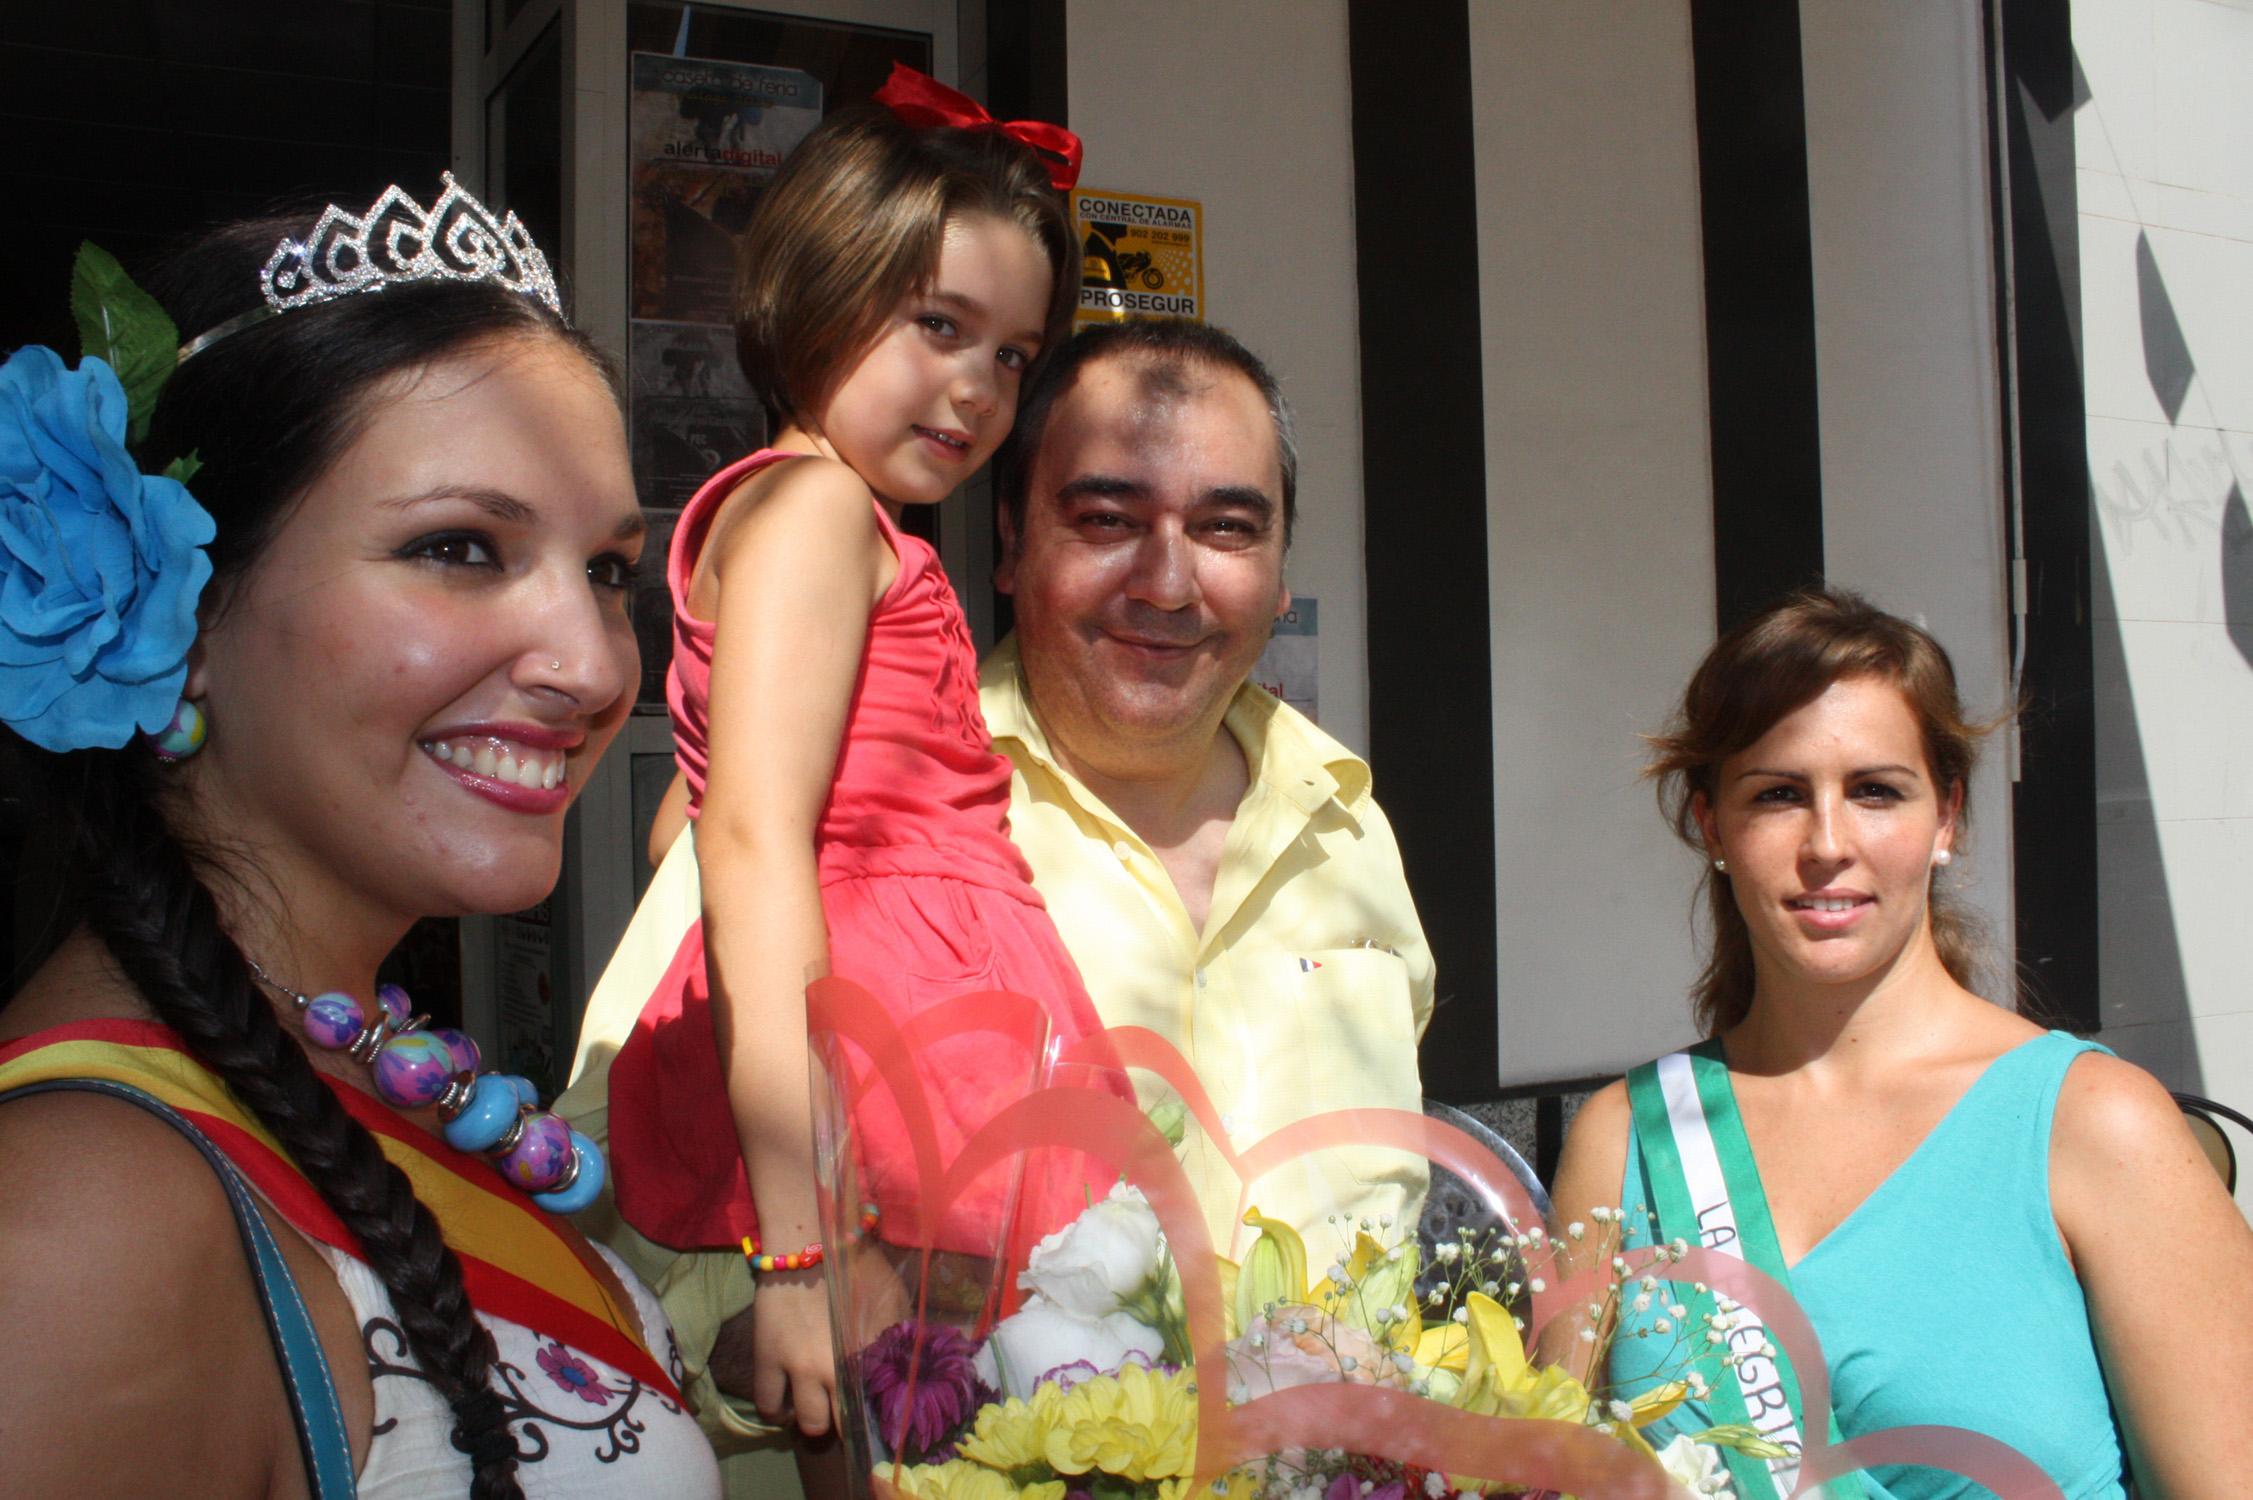 Armando Robles posa junto a la Miss y jefa de producción de 'La Ratonera', Lucía Gálvez y con una de sus damas de honor, Mari Carmen Hidalgo.